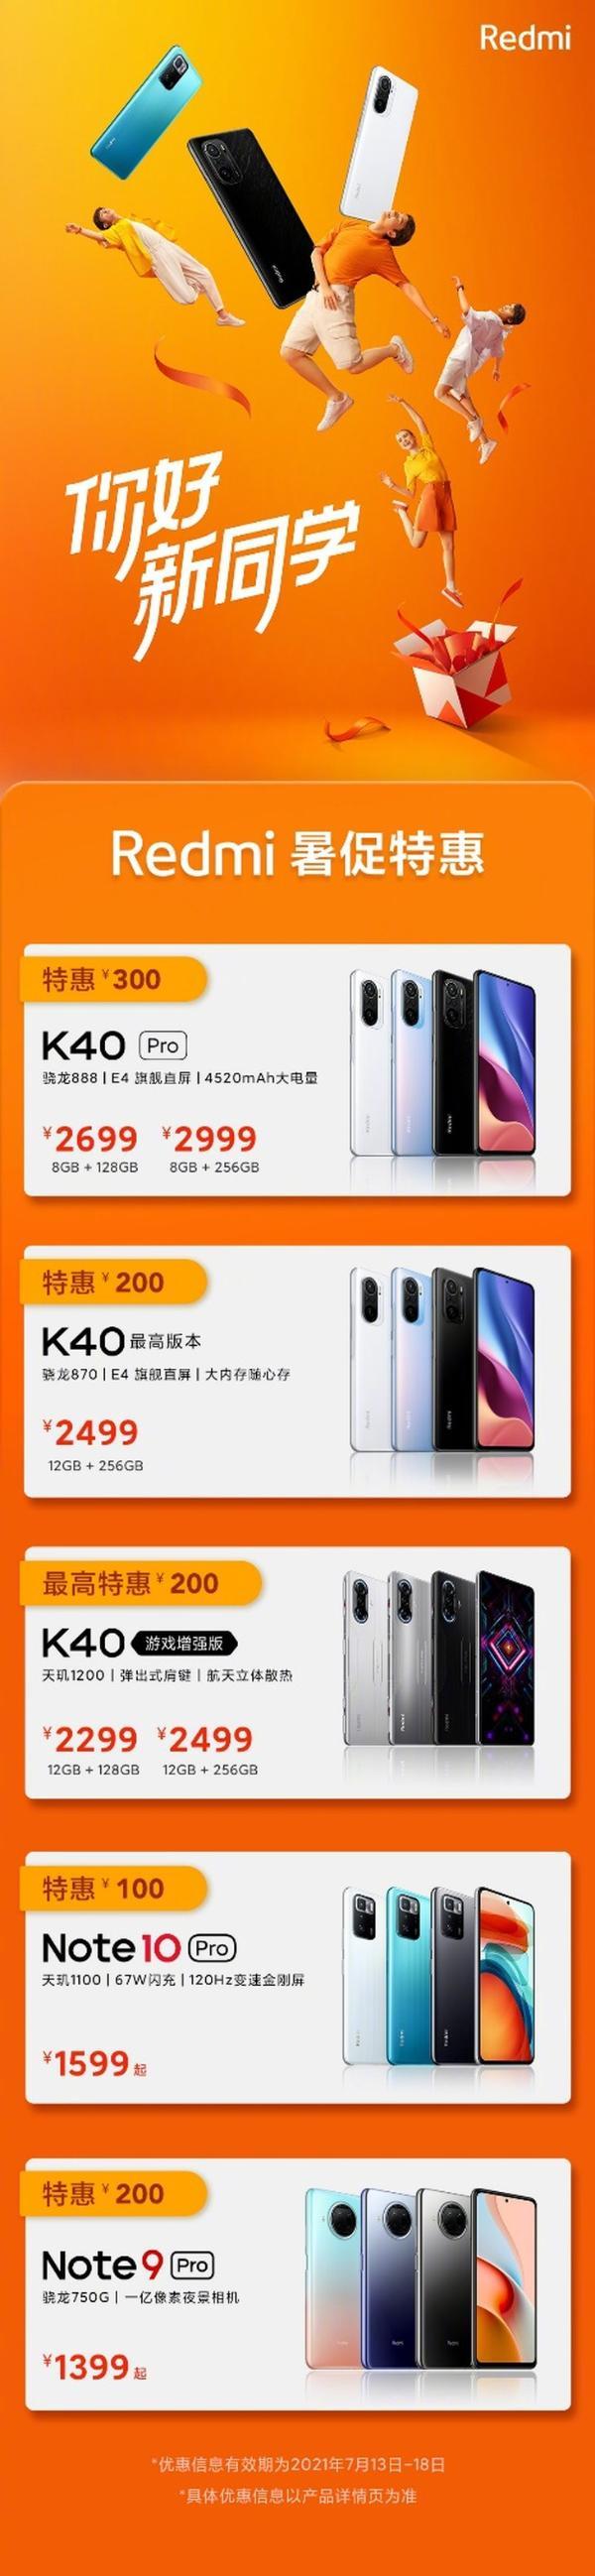 Redmi暑促特惠来袭 手机最高优惠300元